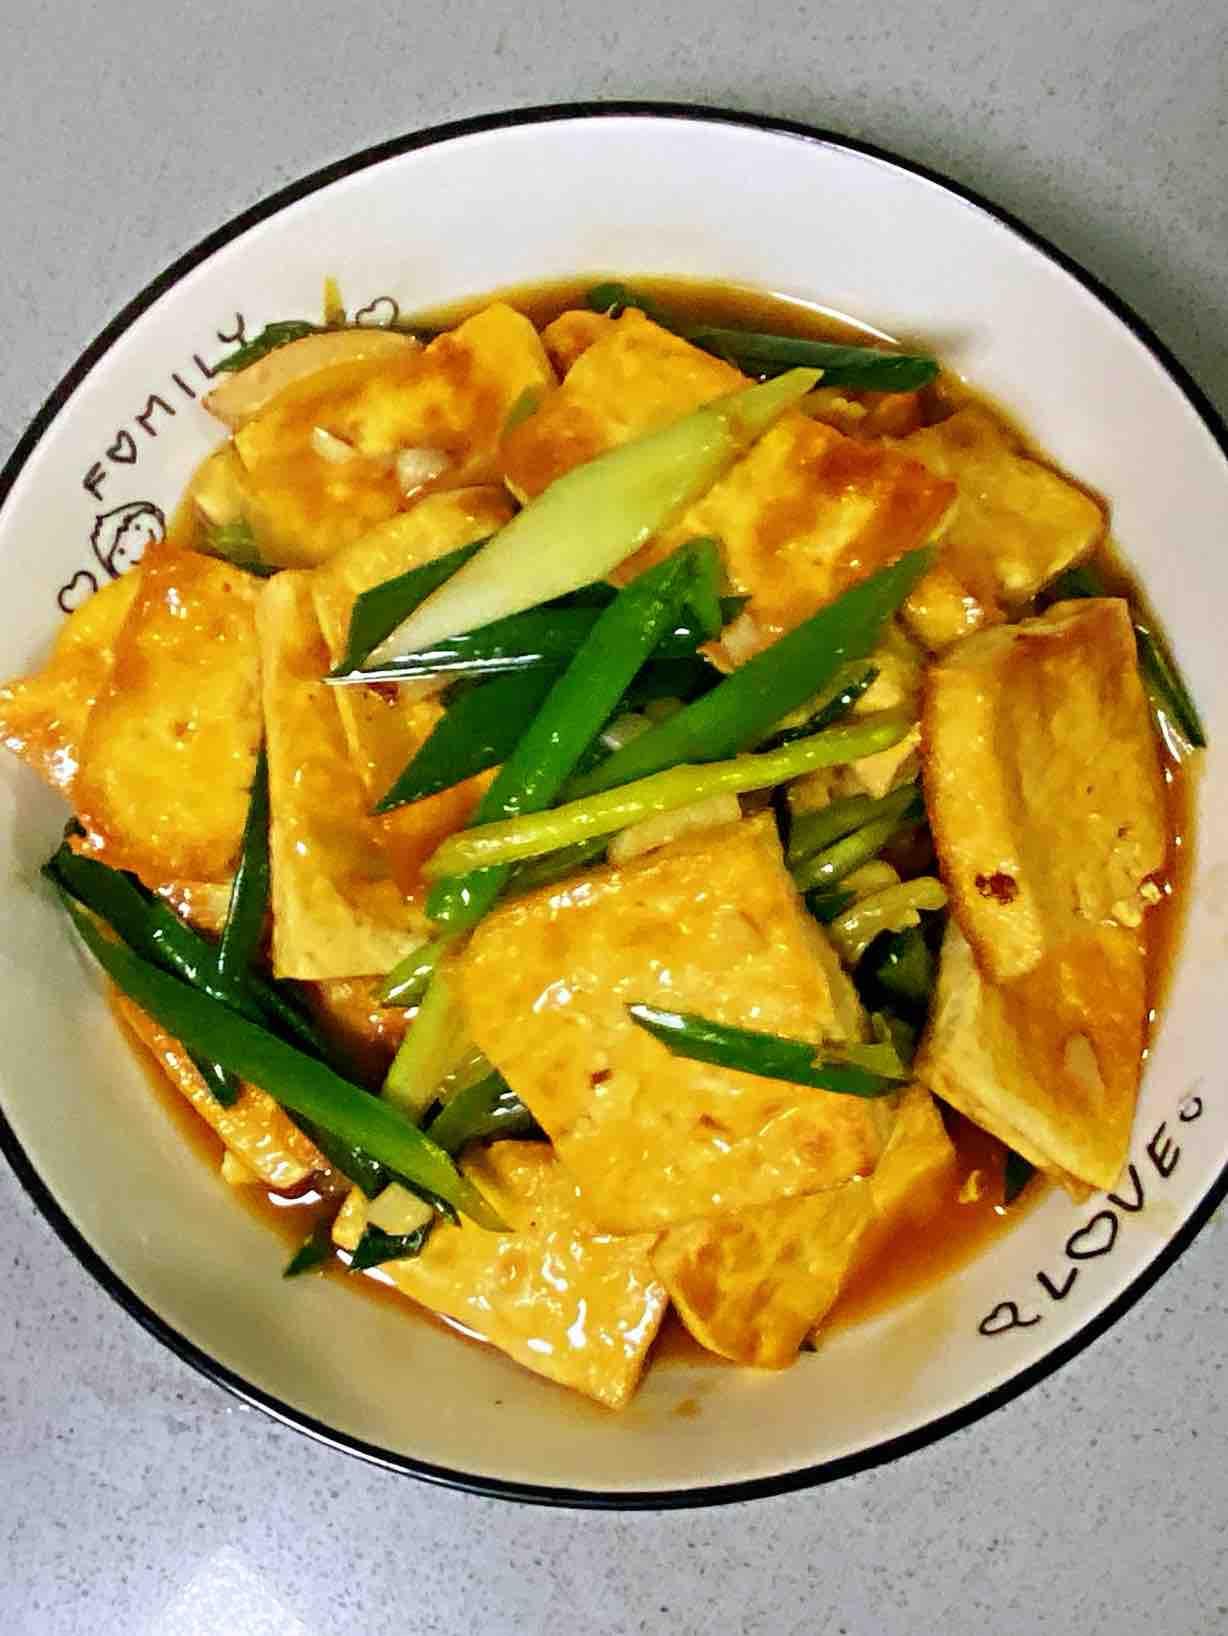 【孕妇食谱】鲍汁豆腐烧青蒜,鲜味浓郁,超级下饭~